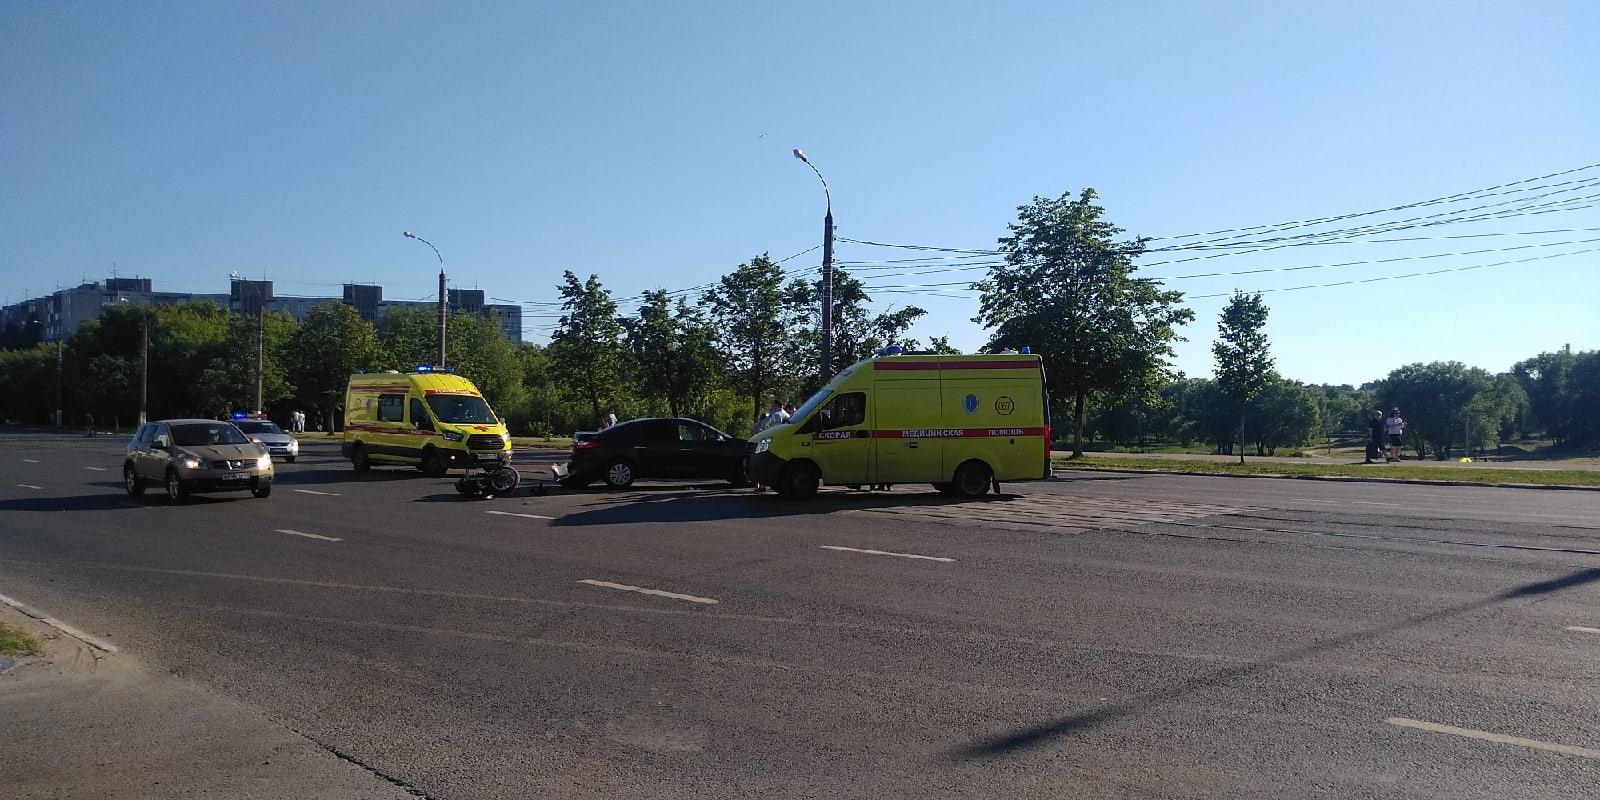 Мотоциклист без прав столкнулся с автомобилем в Твери